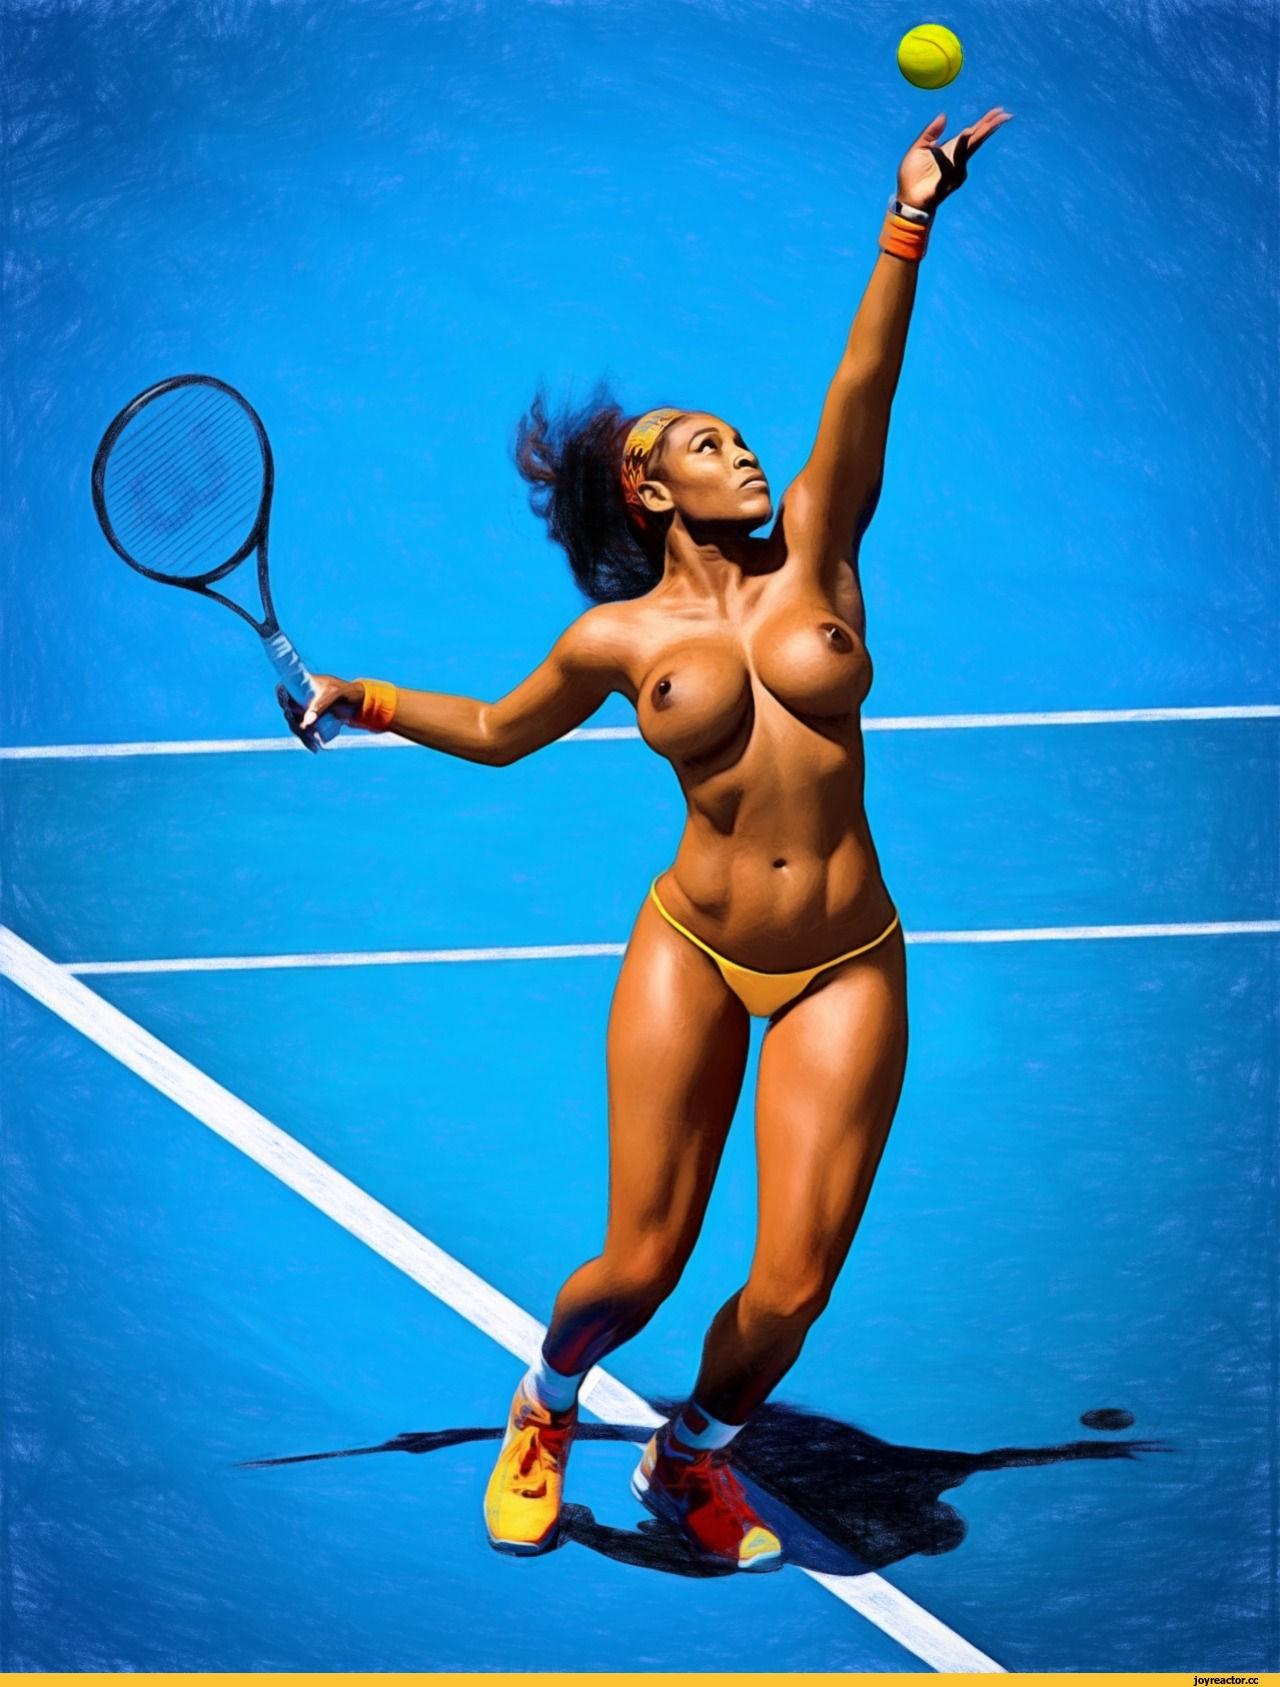 tennis photos of stars nude